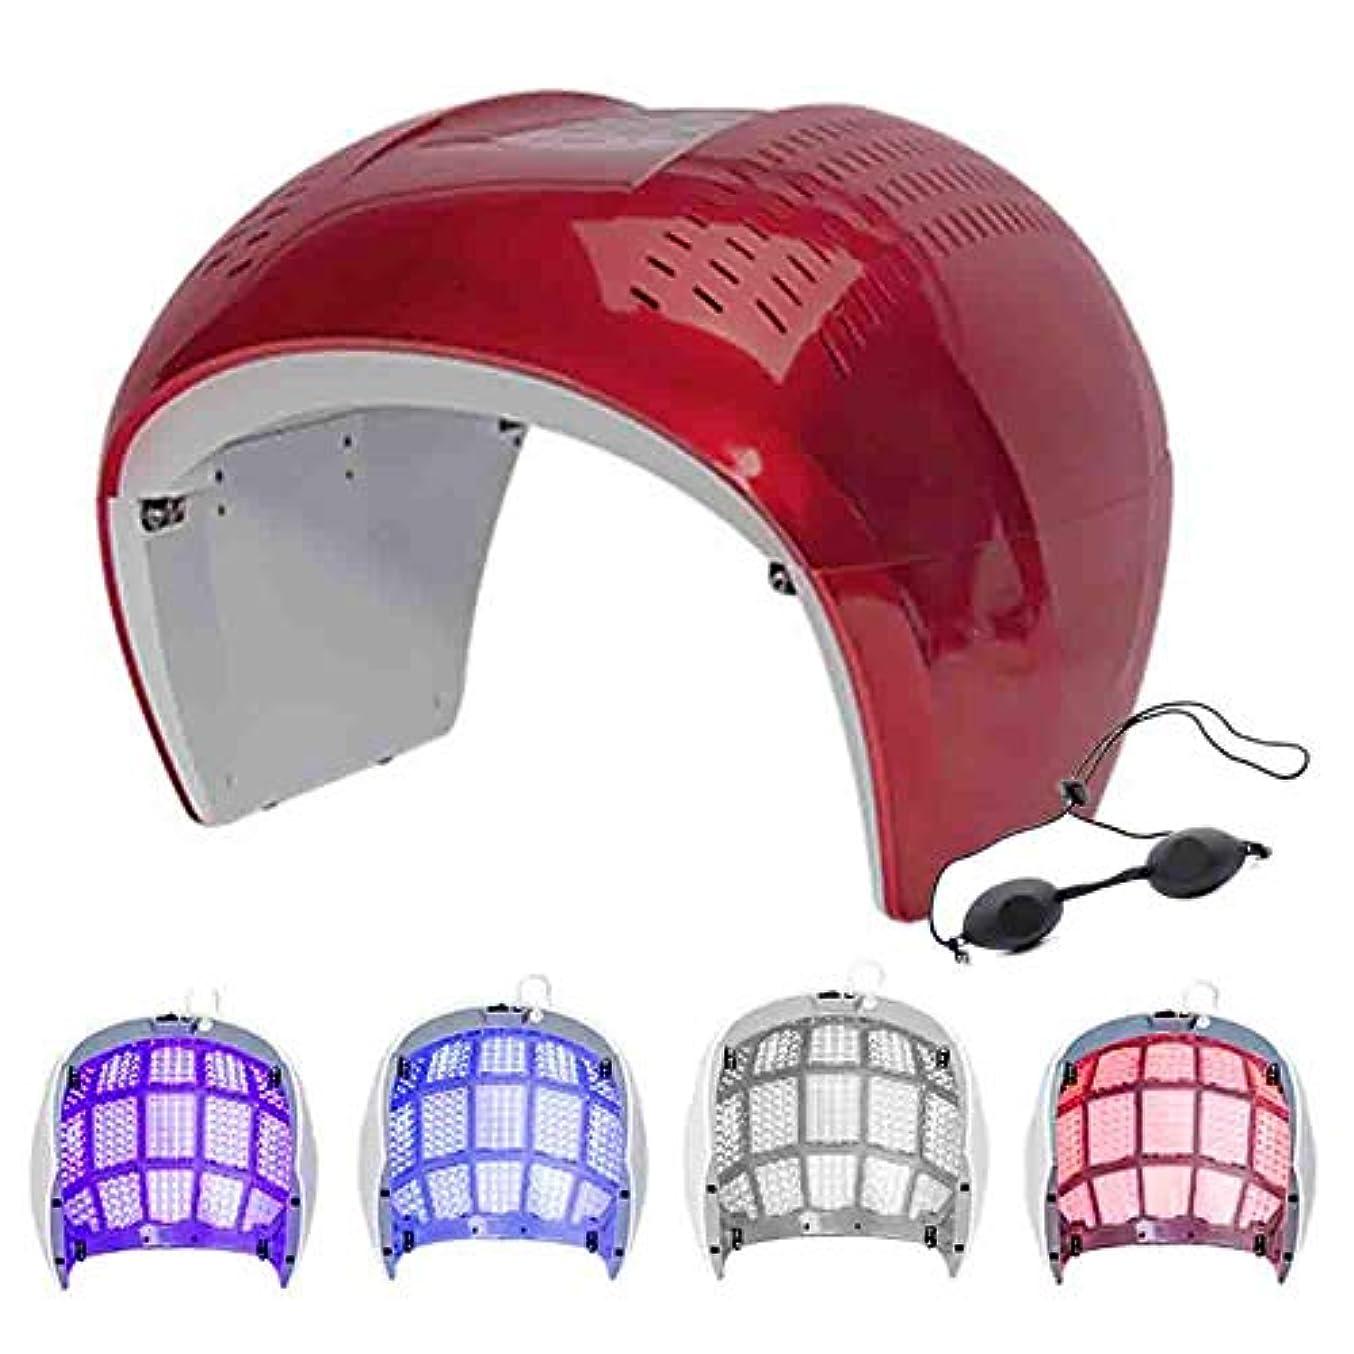 フォームハウジングコーナーポータブルアクネライトセラピーホームサロン使用のためのしわ除去アンチエイジングスキンフェイシャルケア美容トリートメントマシンをマスク,1